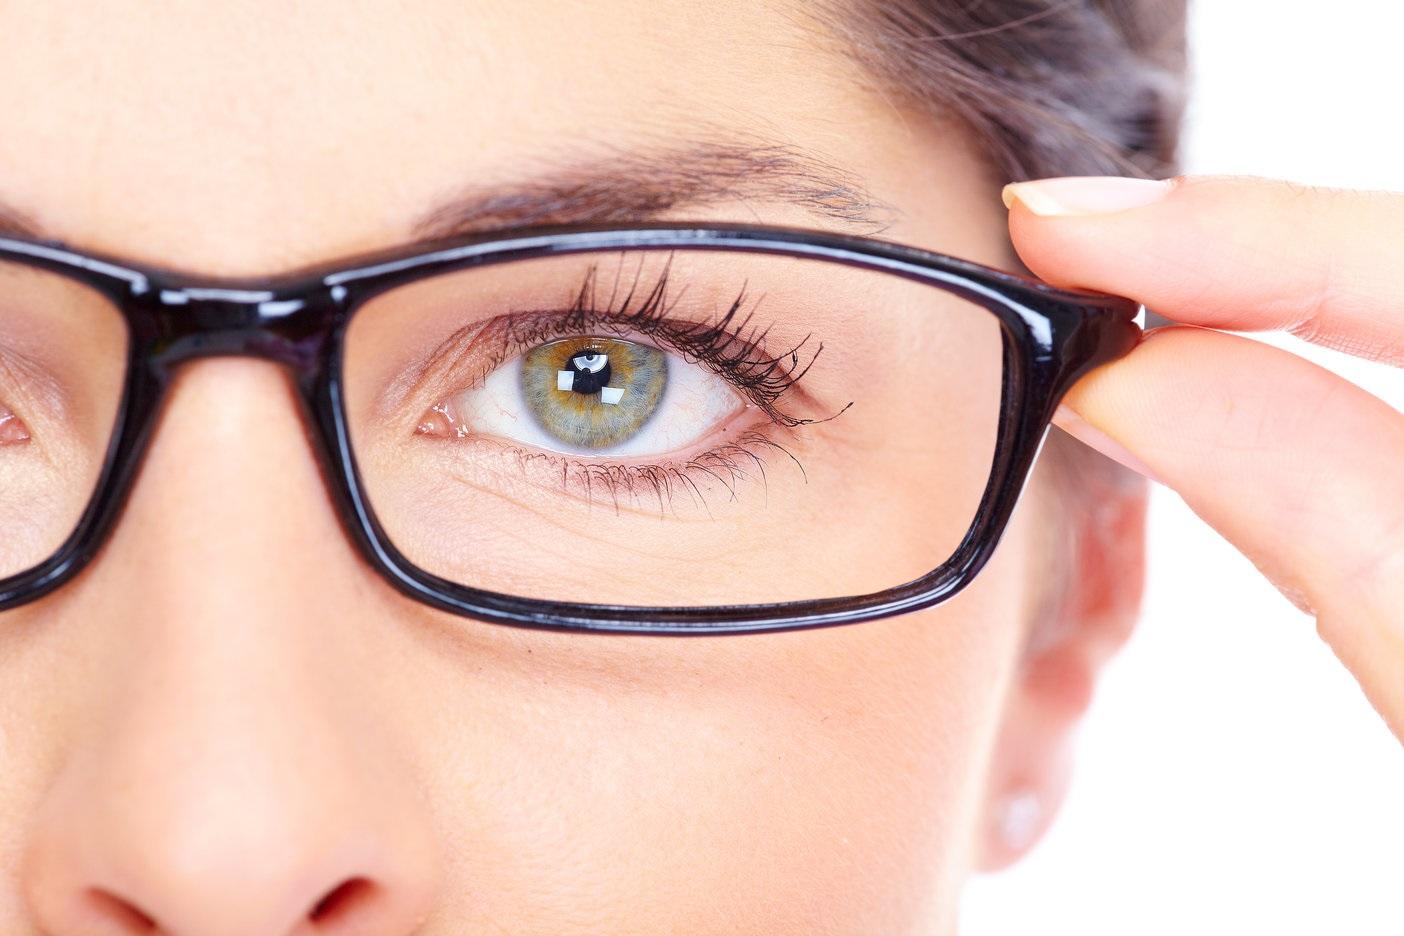 Los ácidos grasos Omenga tres ayudan al mantenimiento de la visión.